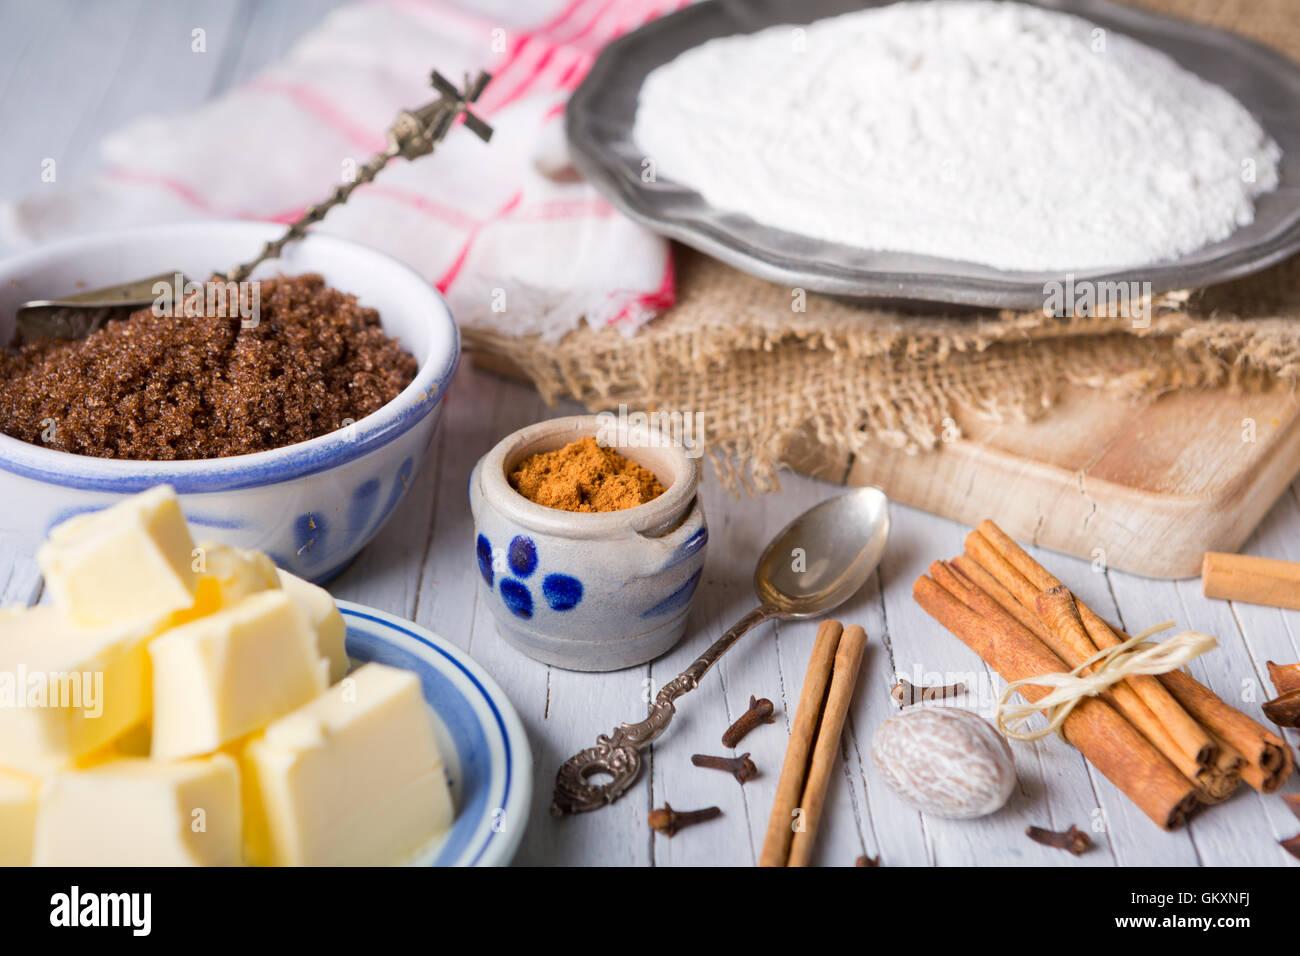 """Tous les ingrédients pour """"pepernoten"""" ou """"kruidnoten"""", une friandise pour Néerlandais Photo Stock"""